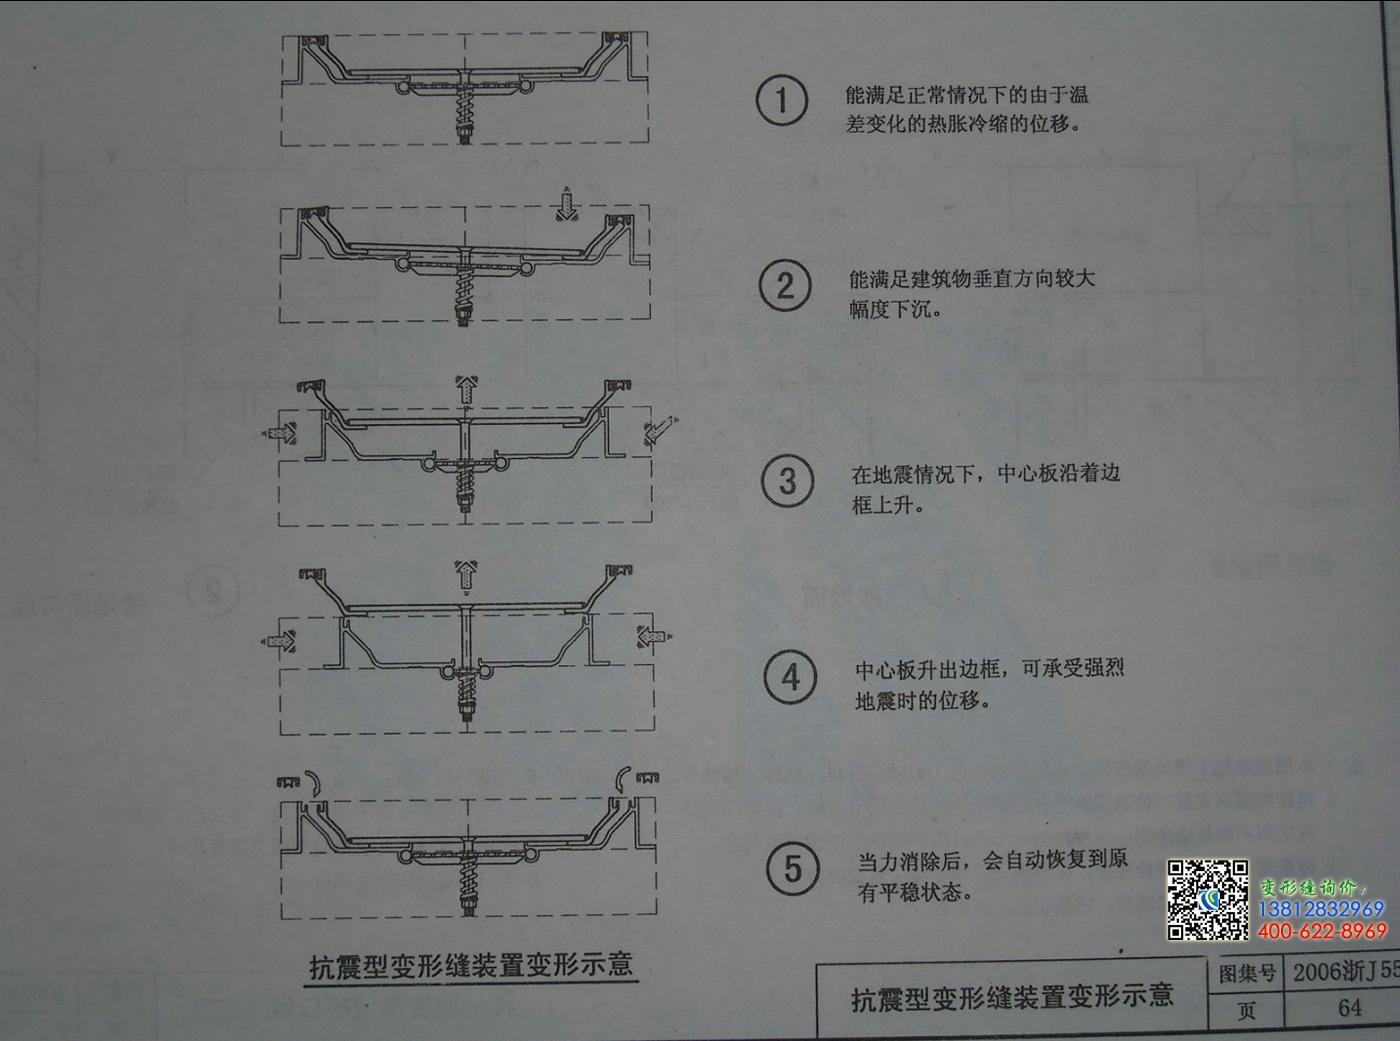 2006浙j55变形缝图集第64页